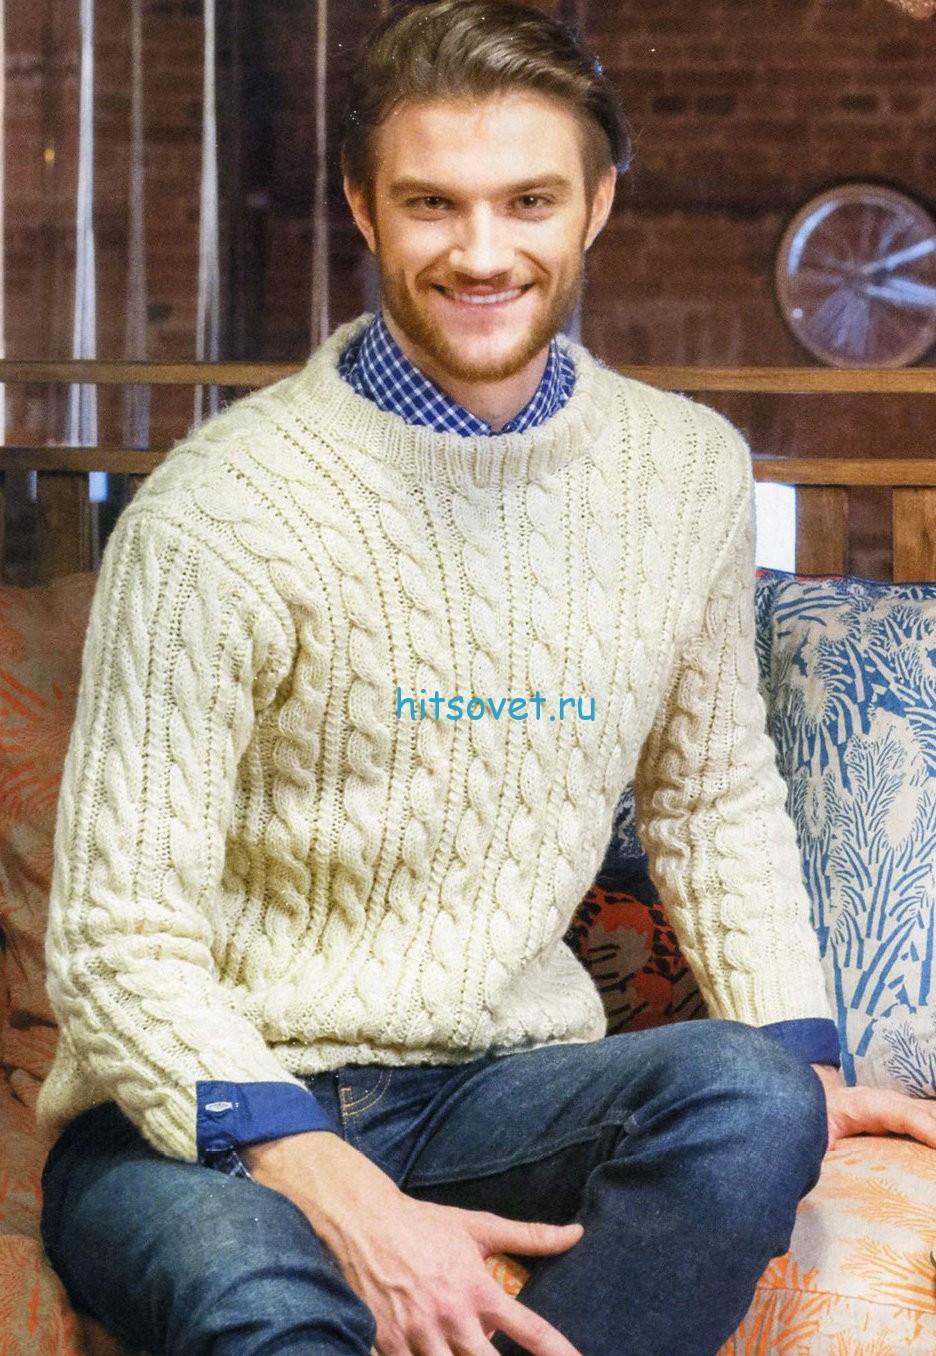 Мужской пуловер спицами с узором из кос